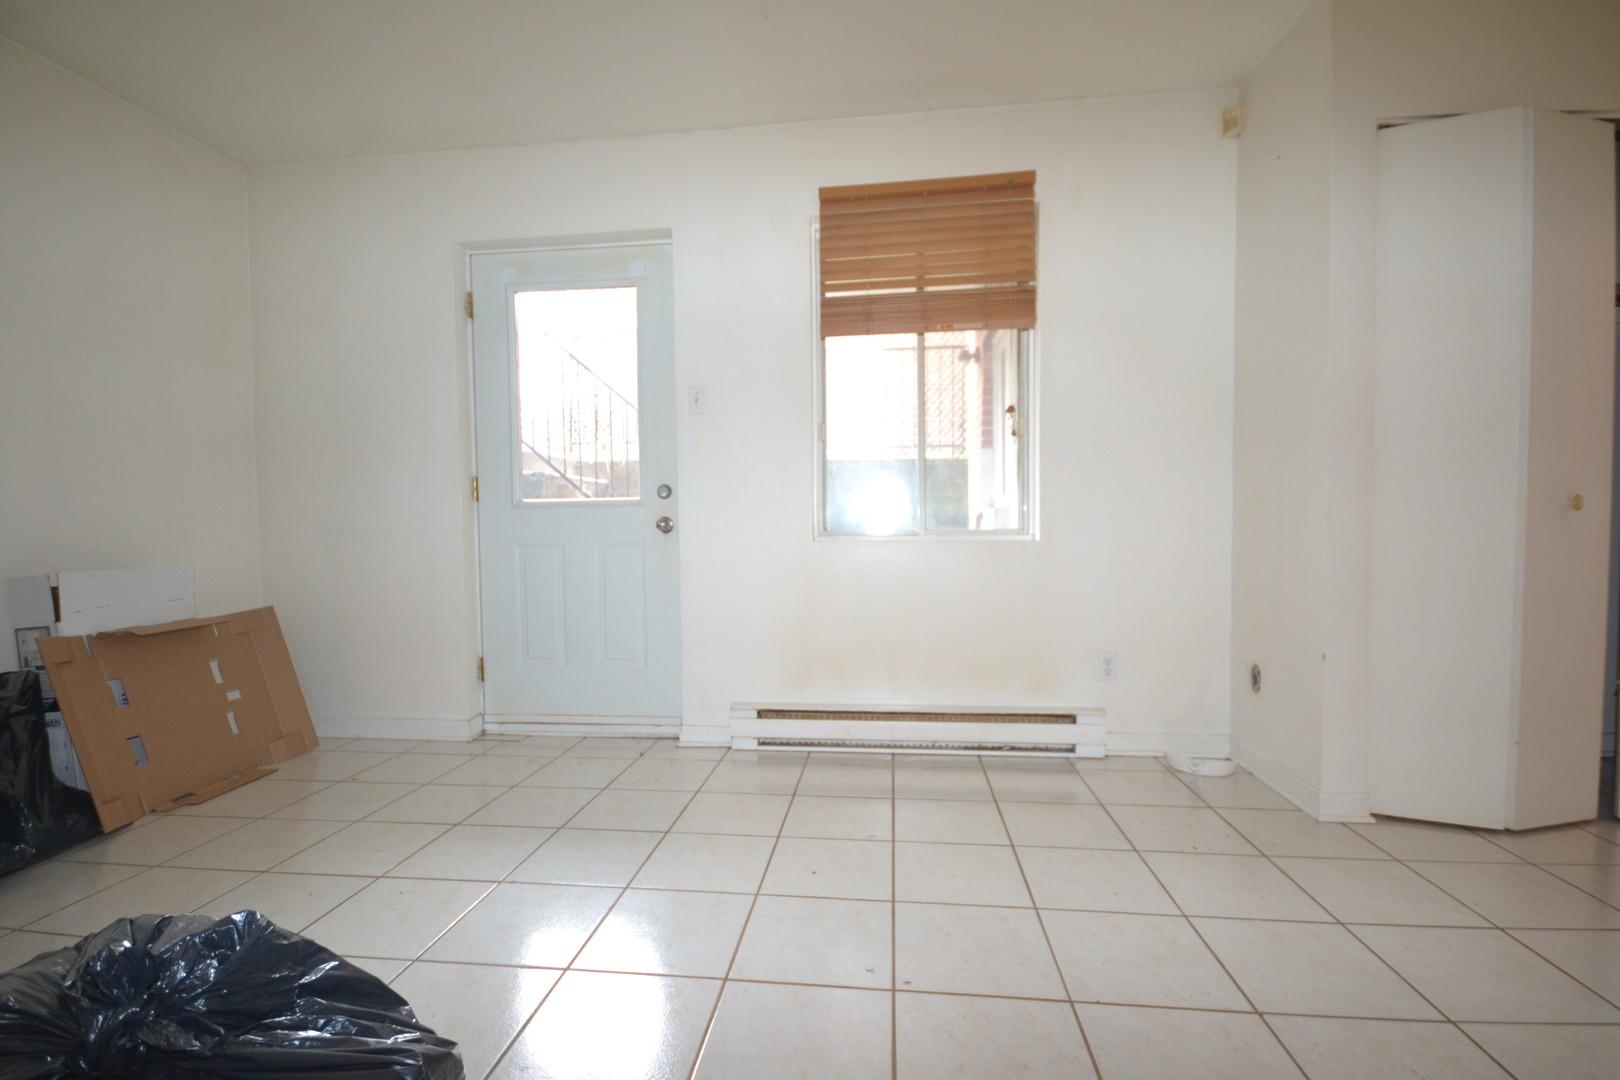 image 11 - Appartement - À louer - Montréal  (Hochelaga / Maisonneuve) - 3 pièces